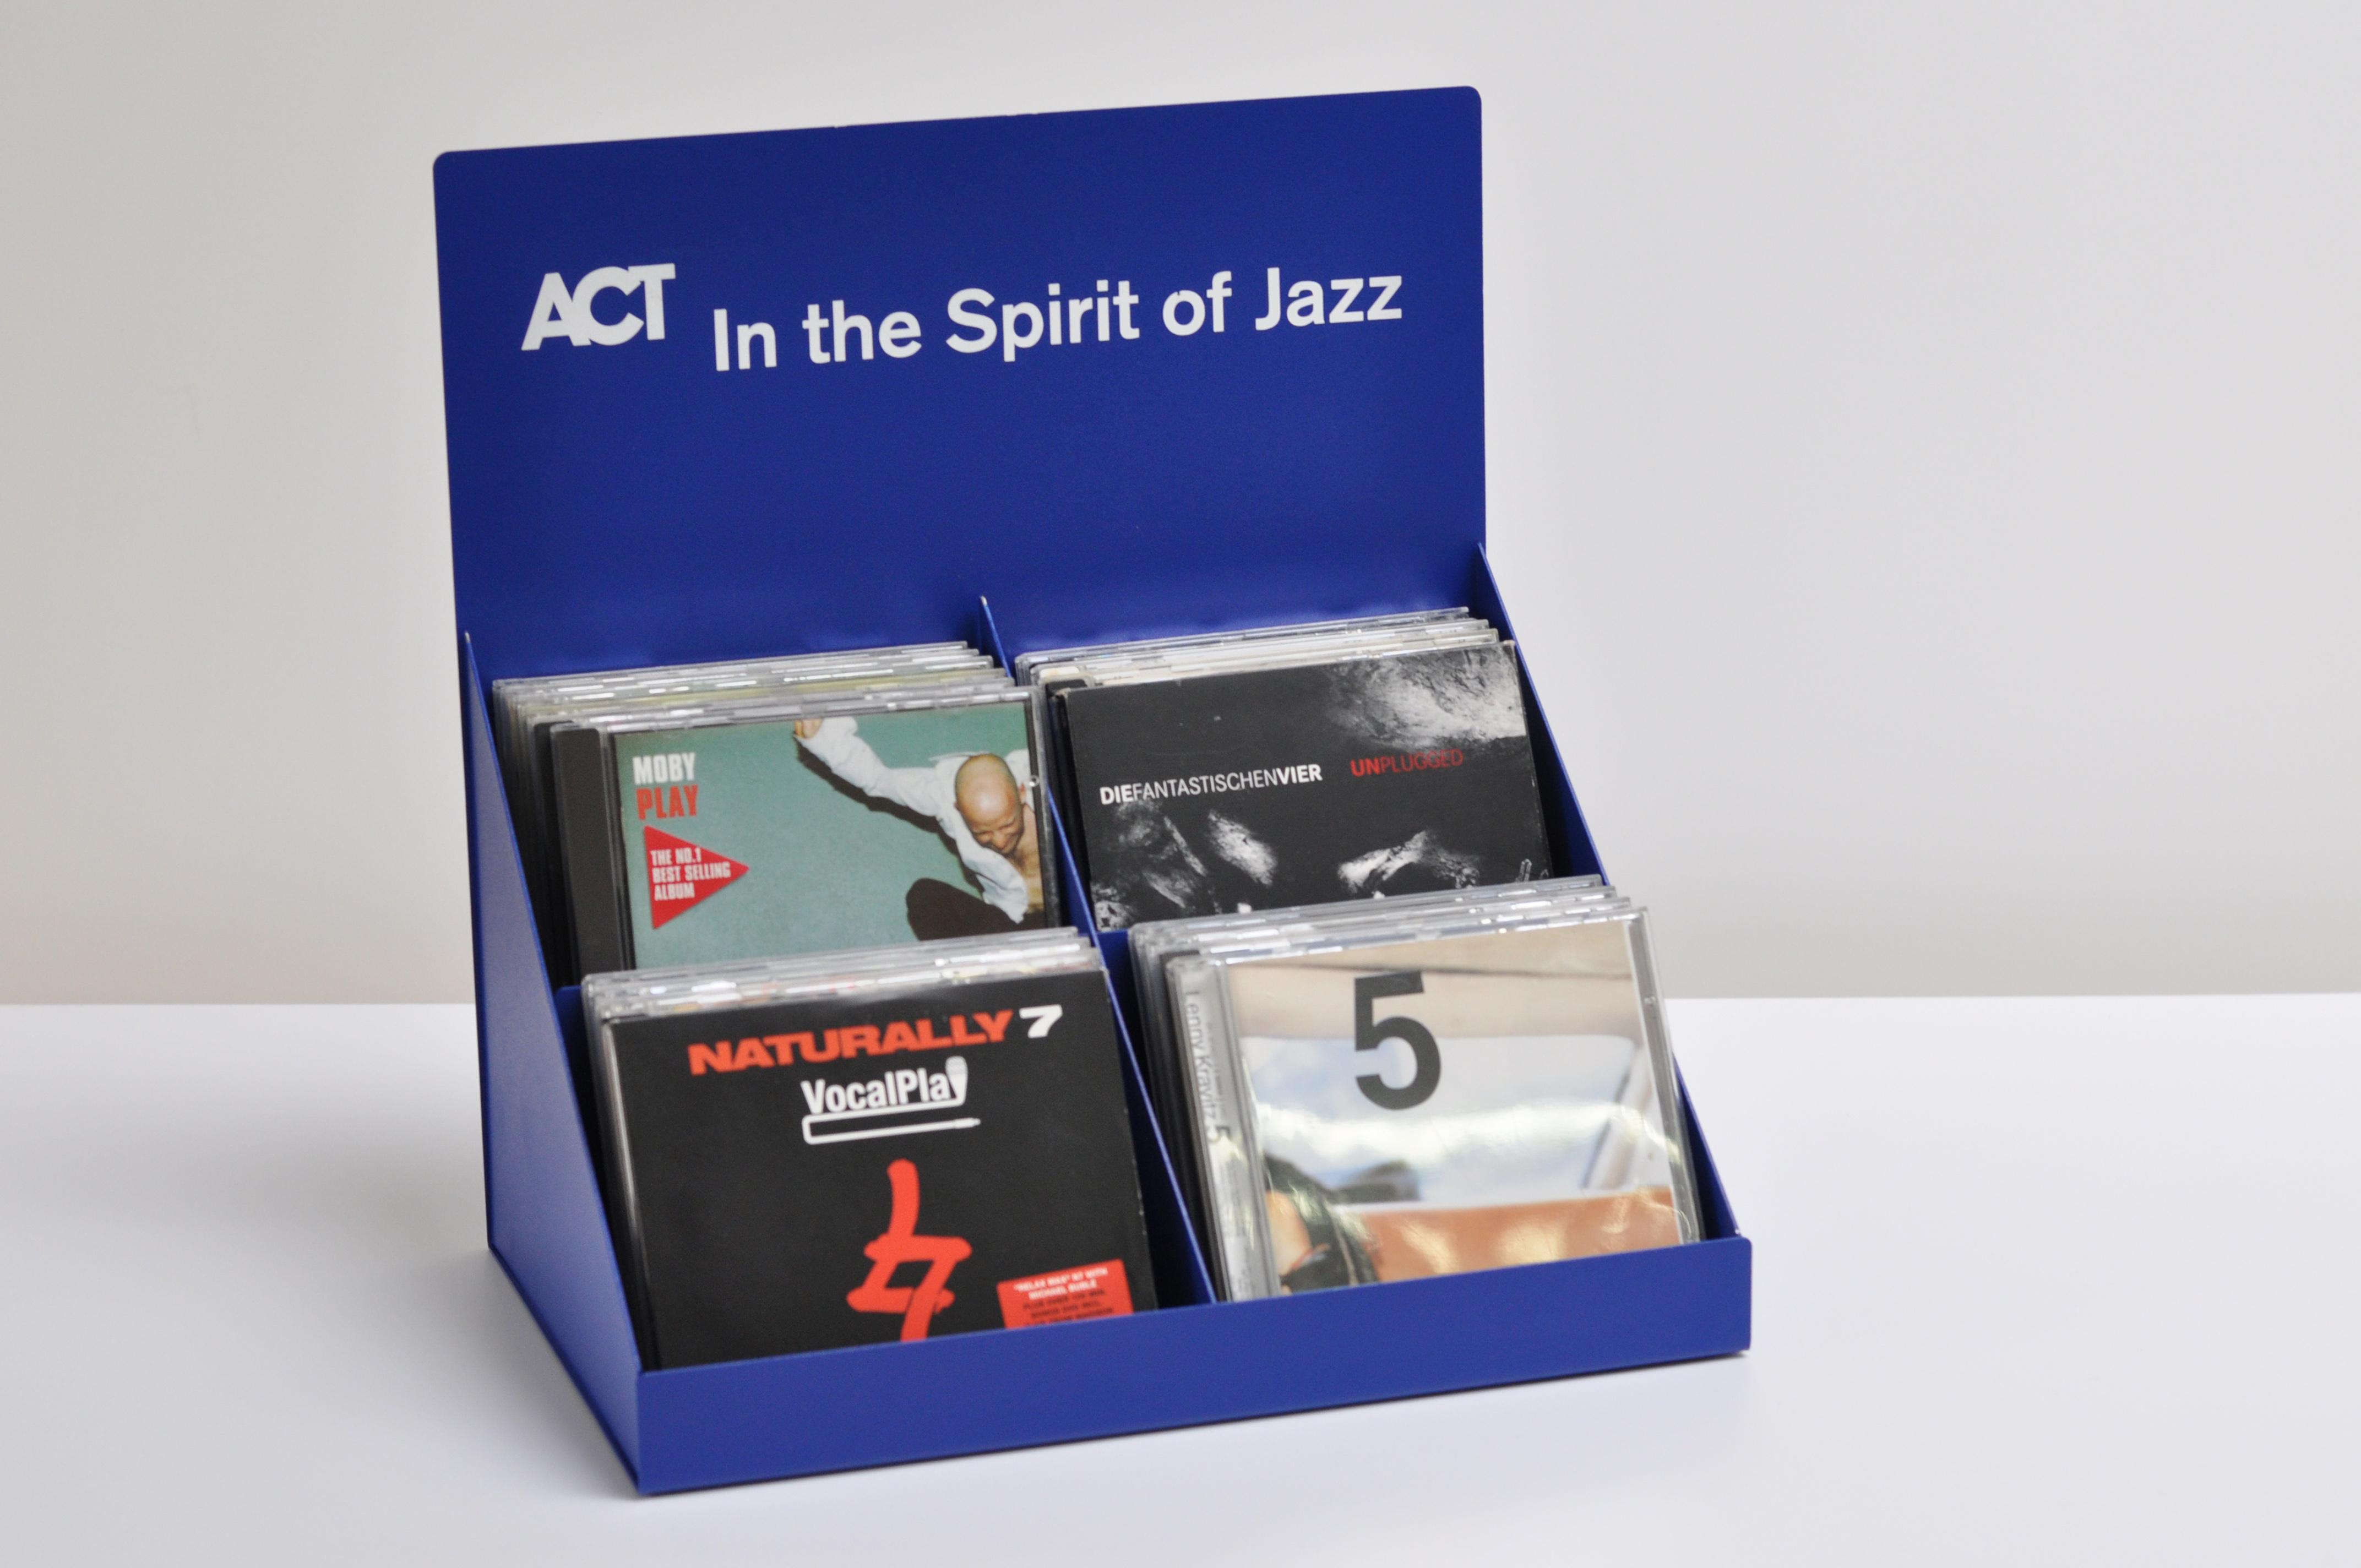 ACT CD Thekendisplay 3.jpg